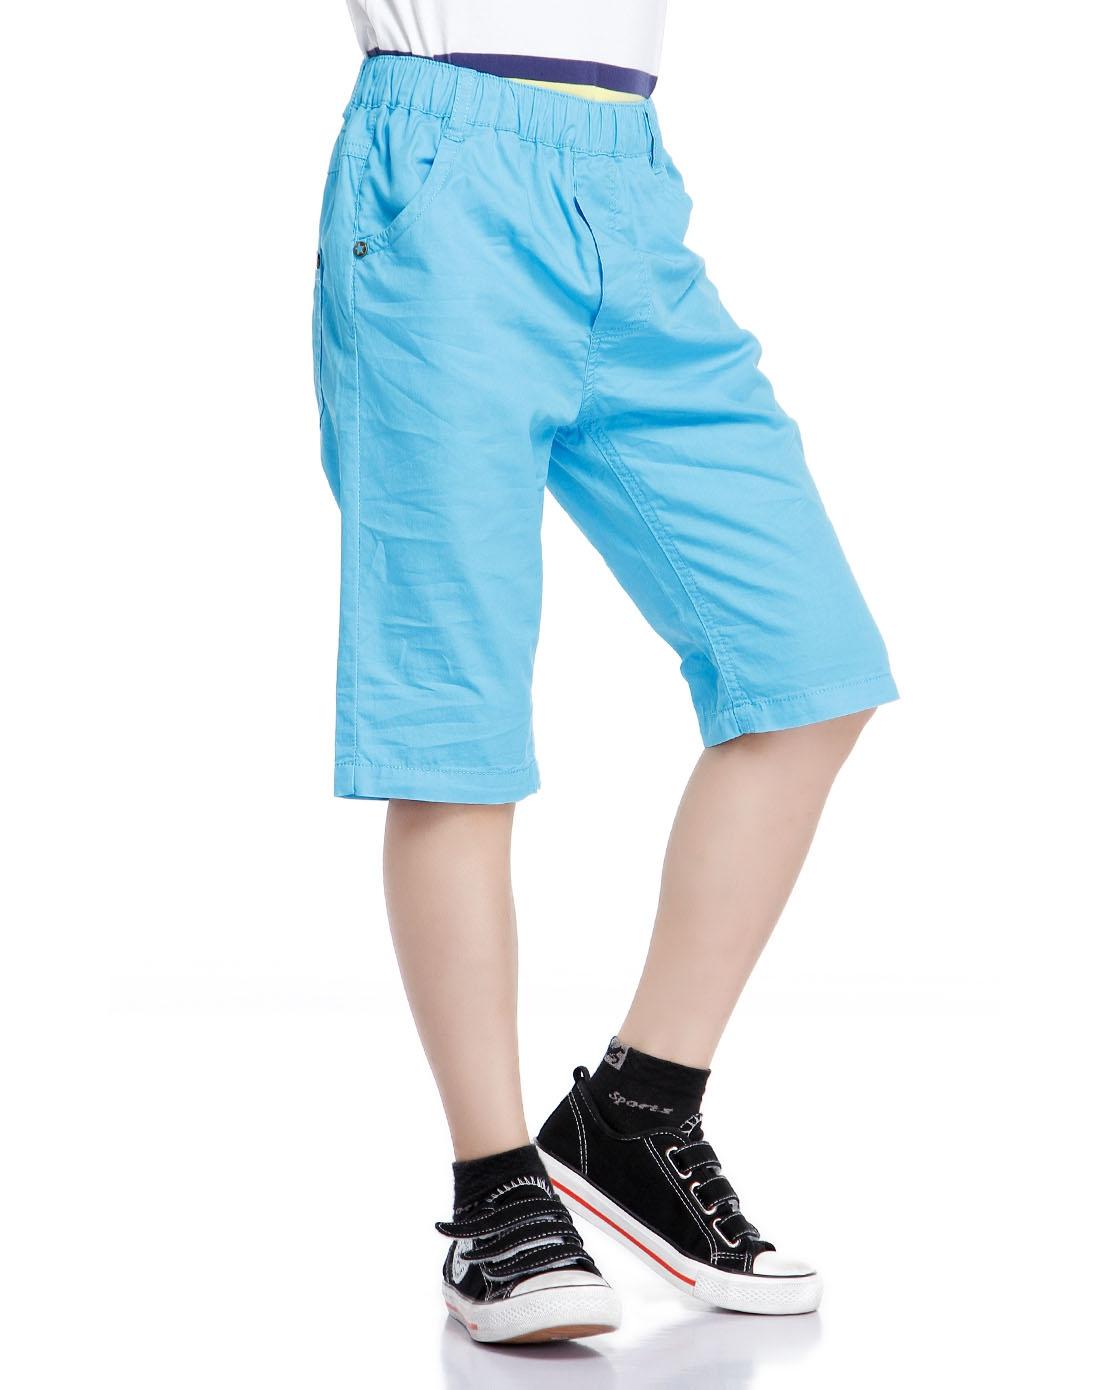 男童纯色简约浅蓝色七分裤